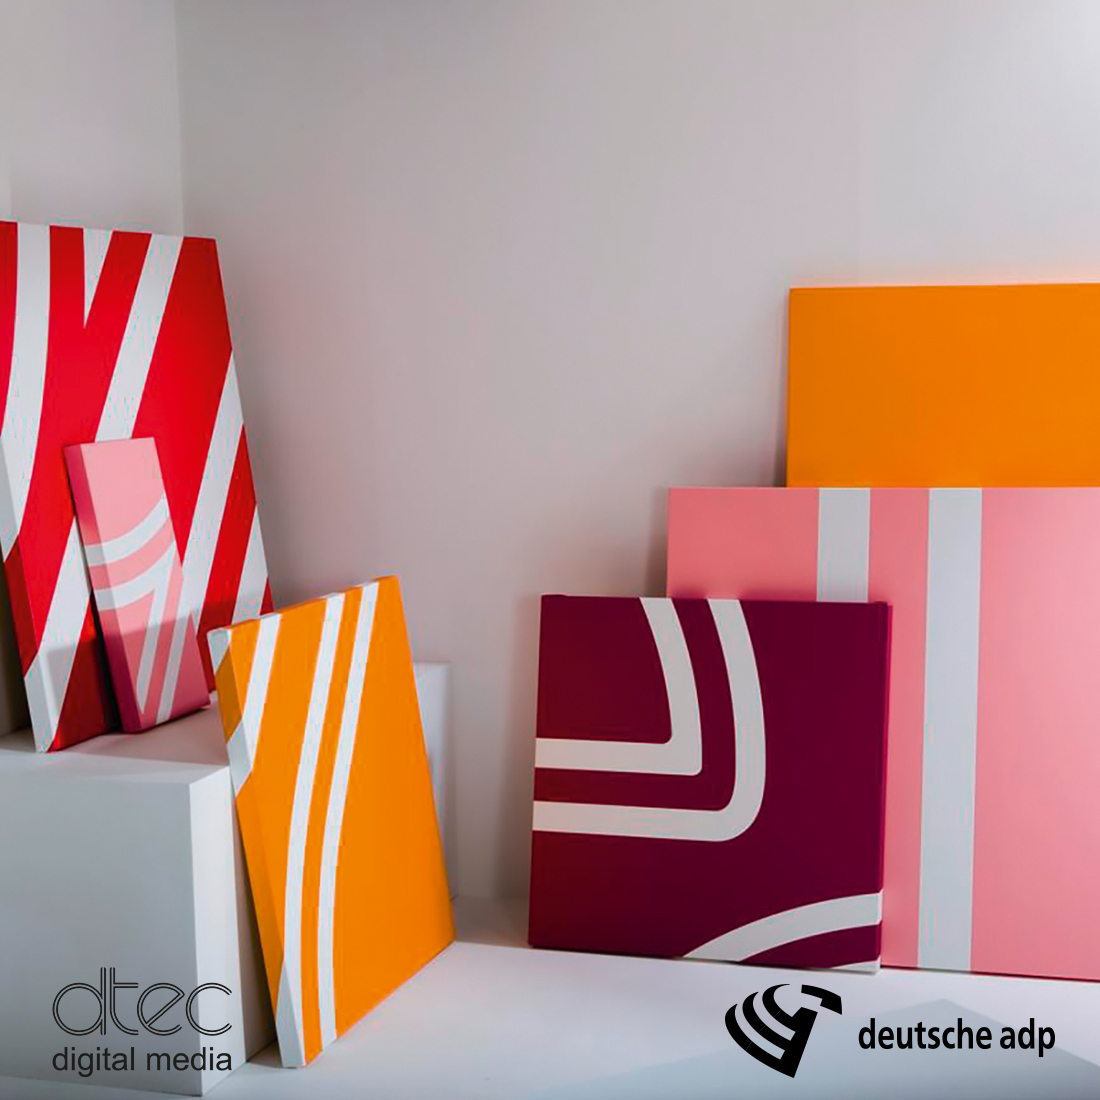 dtec Canvas für Dekorativdrucke und Kunstreproduktionen